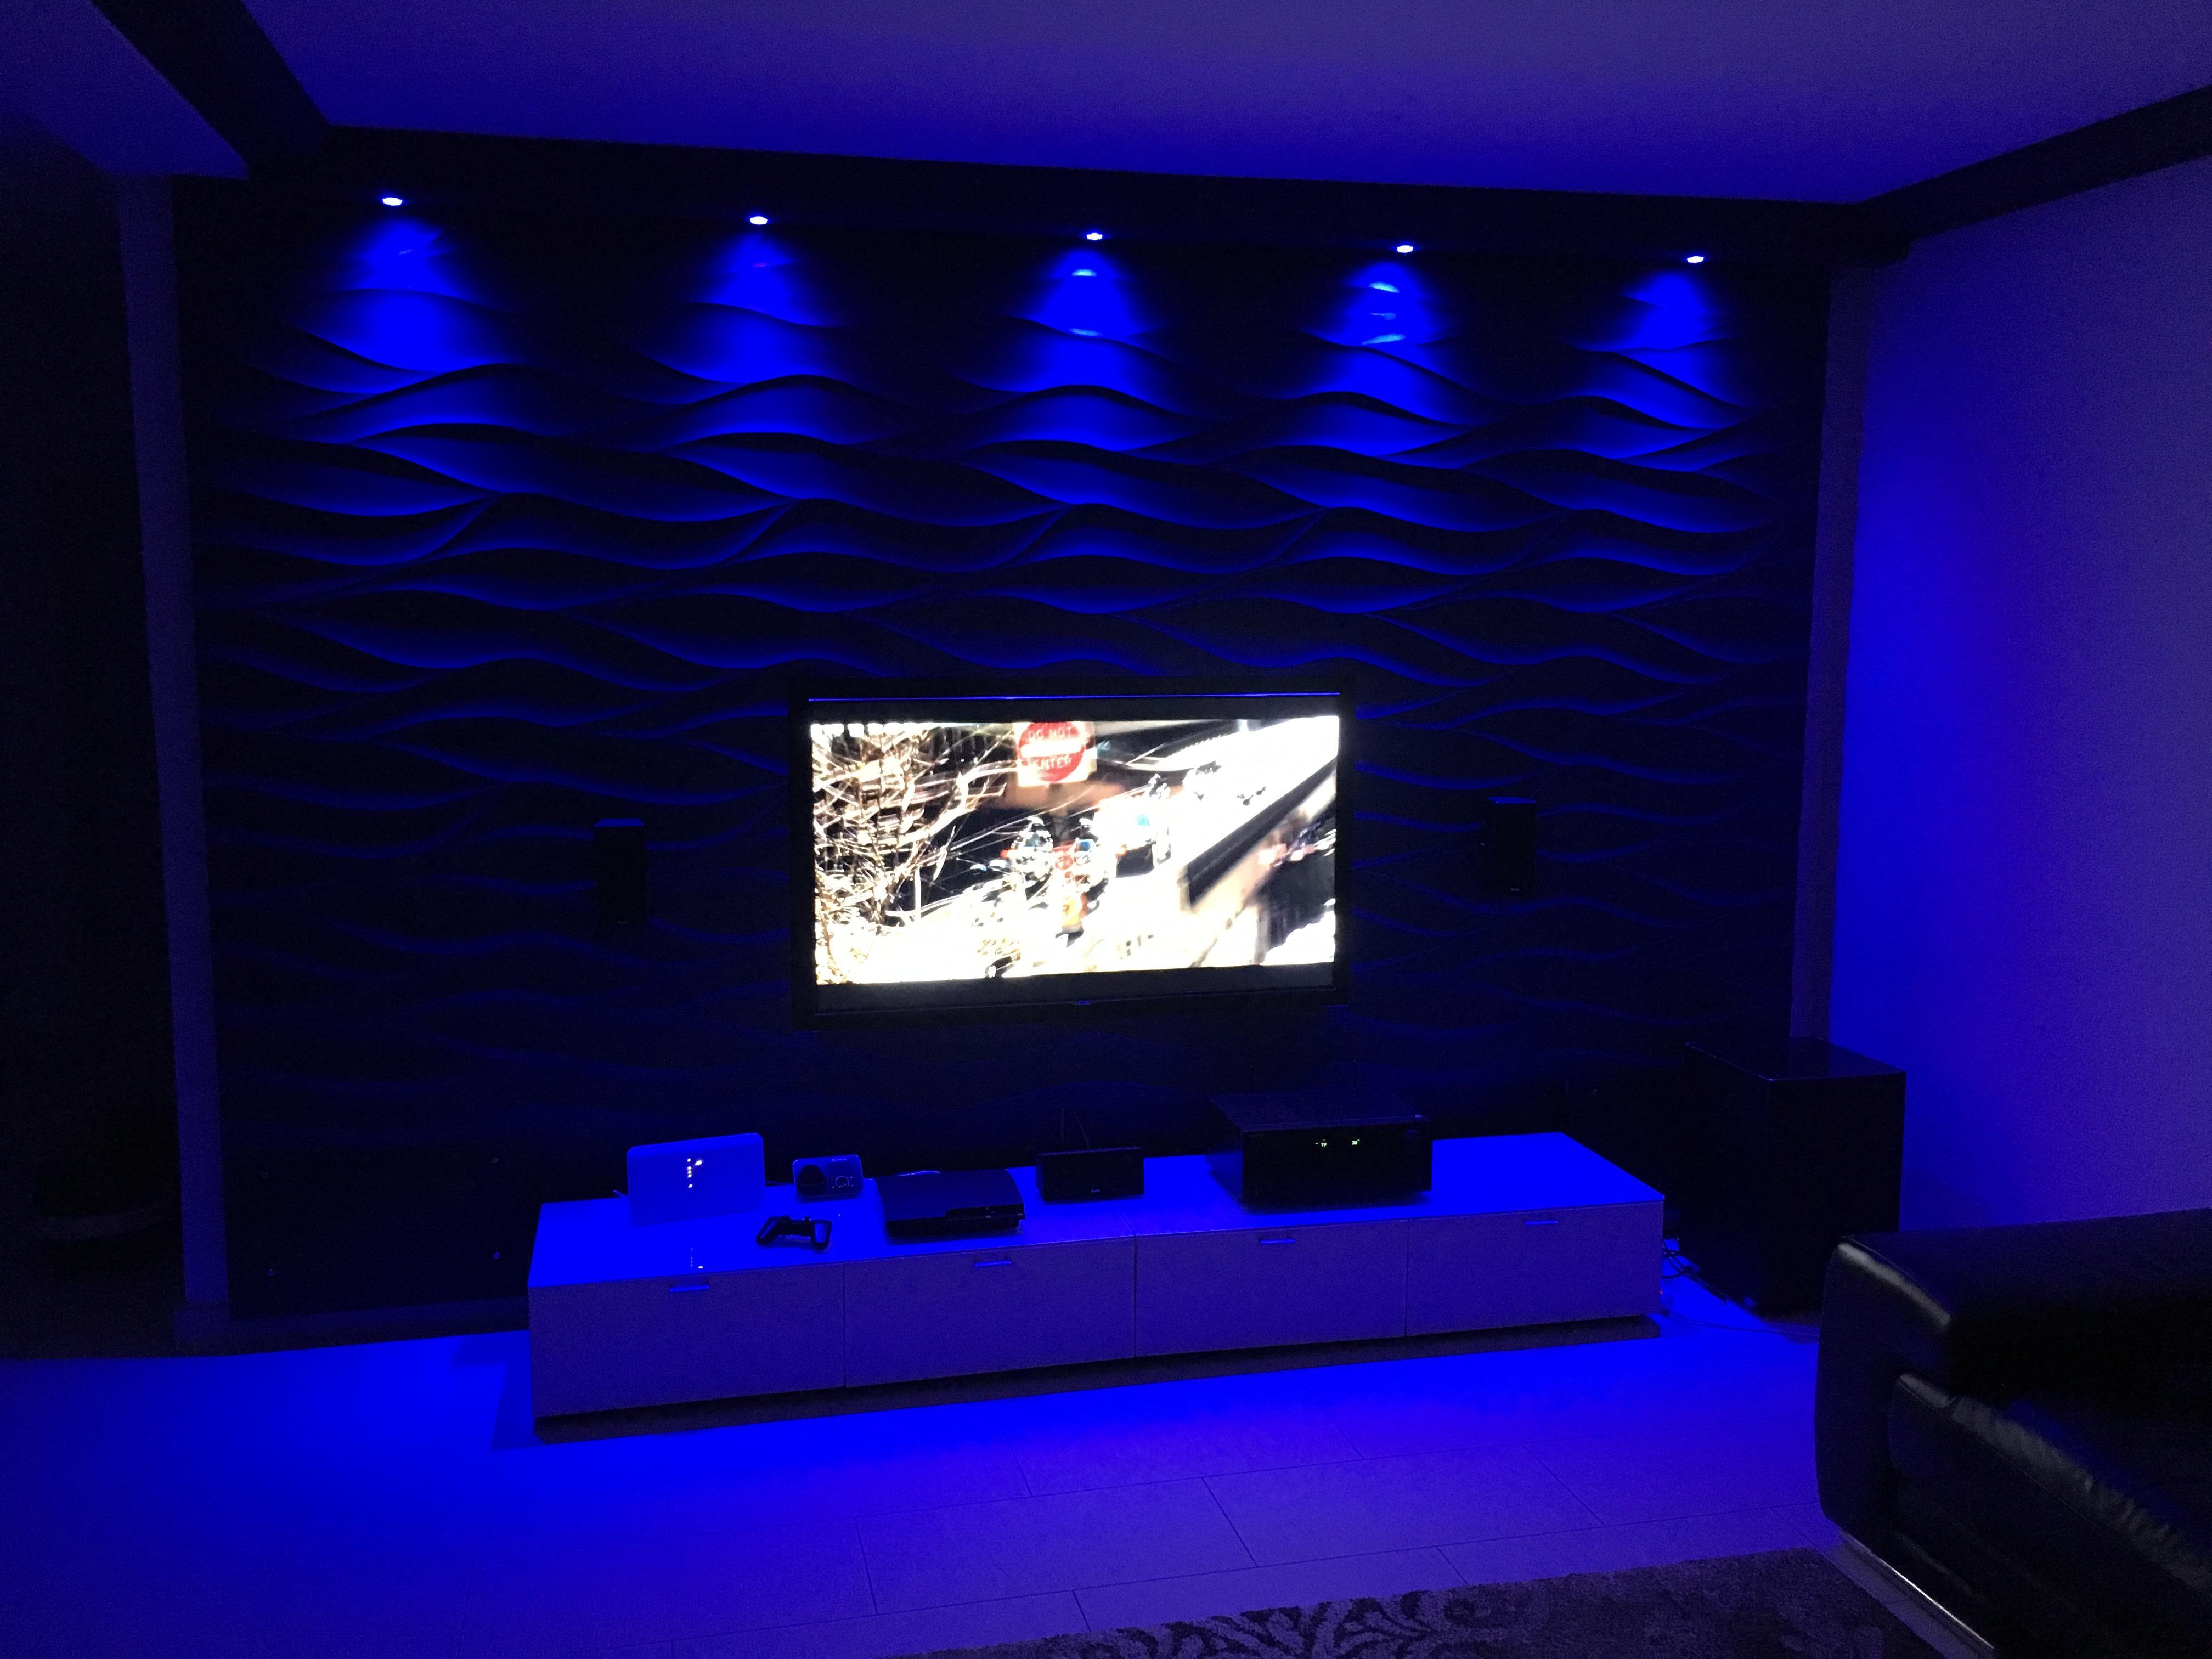 3d wandpaneel bilder ideen couchstyle. Black Bedroom Furniture Sets. Home Design Ideas